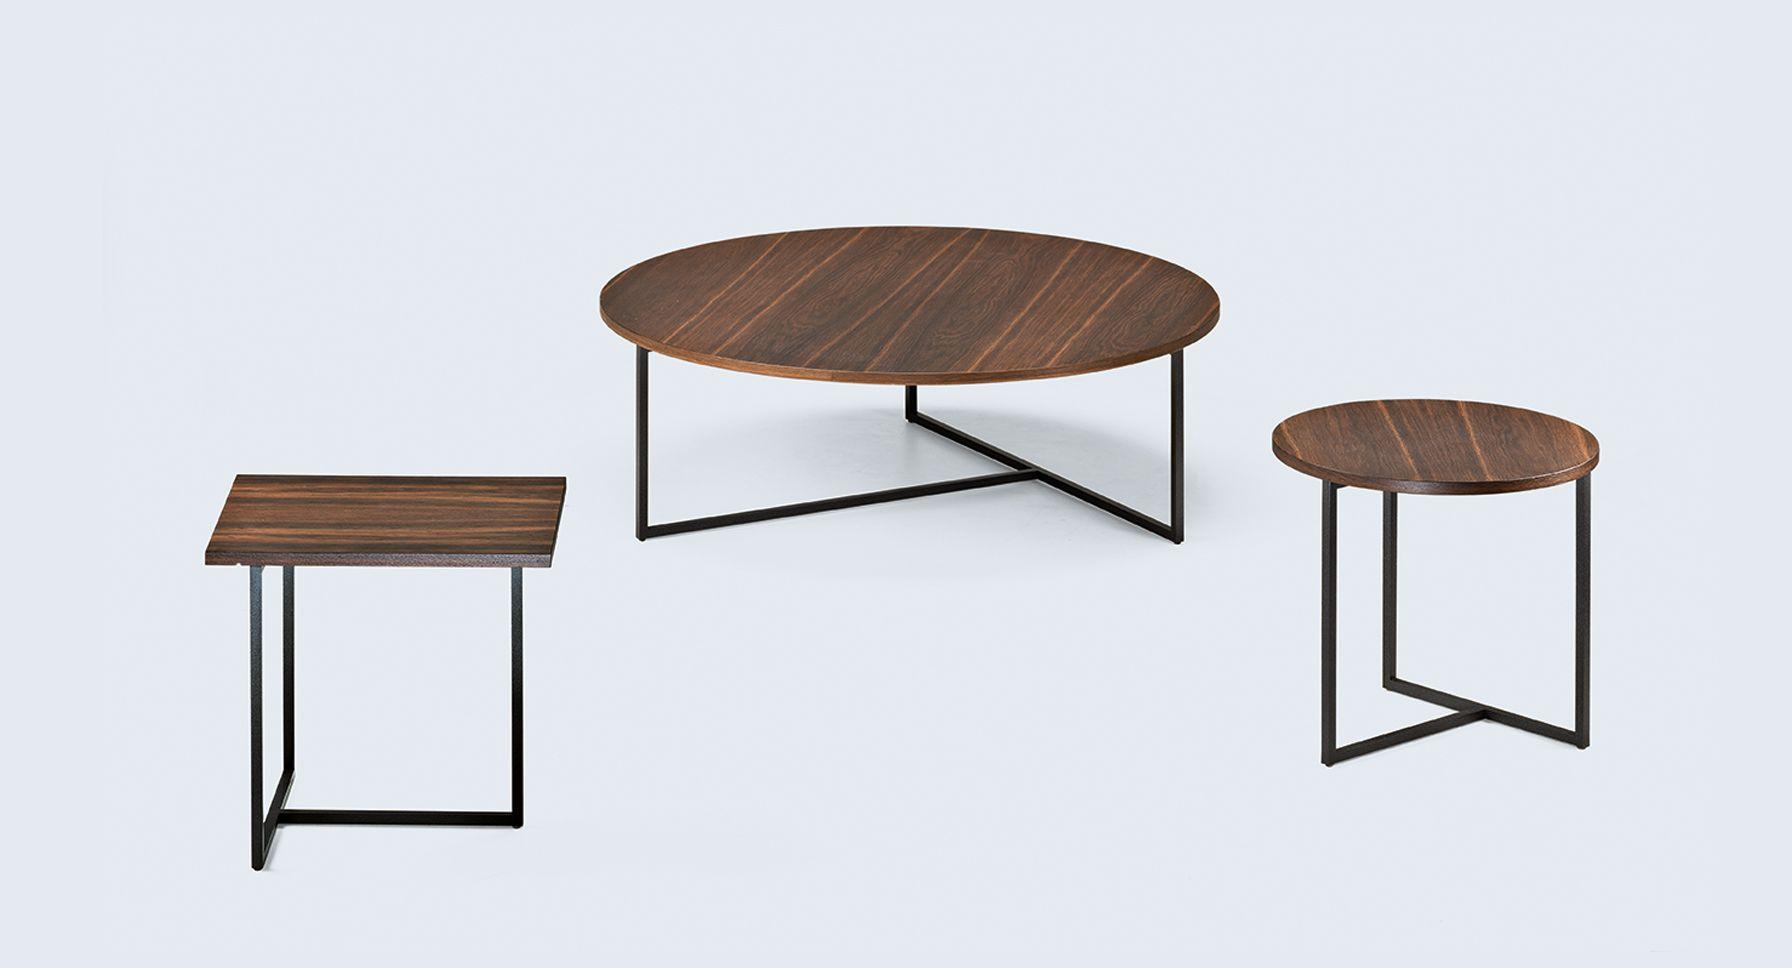 Ru Product Details Arketipo Firenze Prodotti Esclusivi Di Design Made In Italy Coffee Table Round Coffe Table Round Coffee Table [ 968 x 1792 Pixel ]